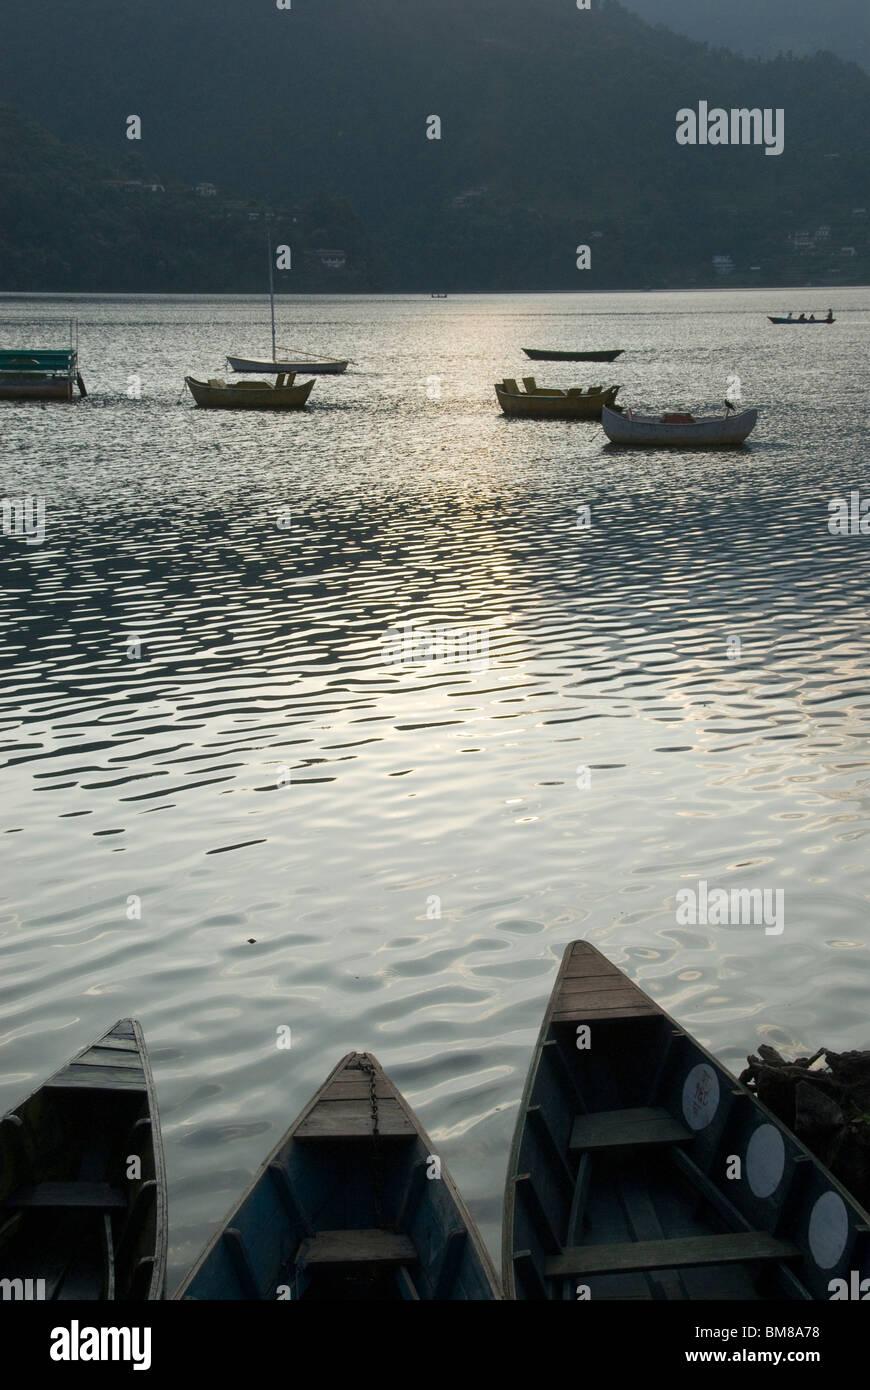 Boats on lake, early evening, Phewa Tal lake, Pokhara, Nepal - Stock Image